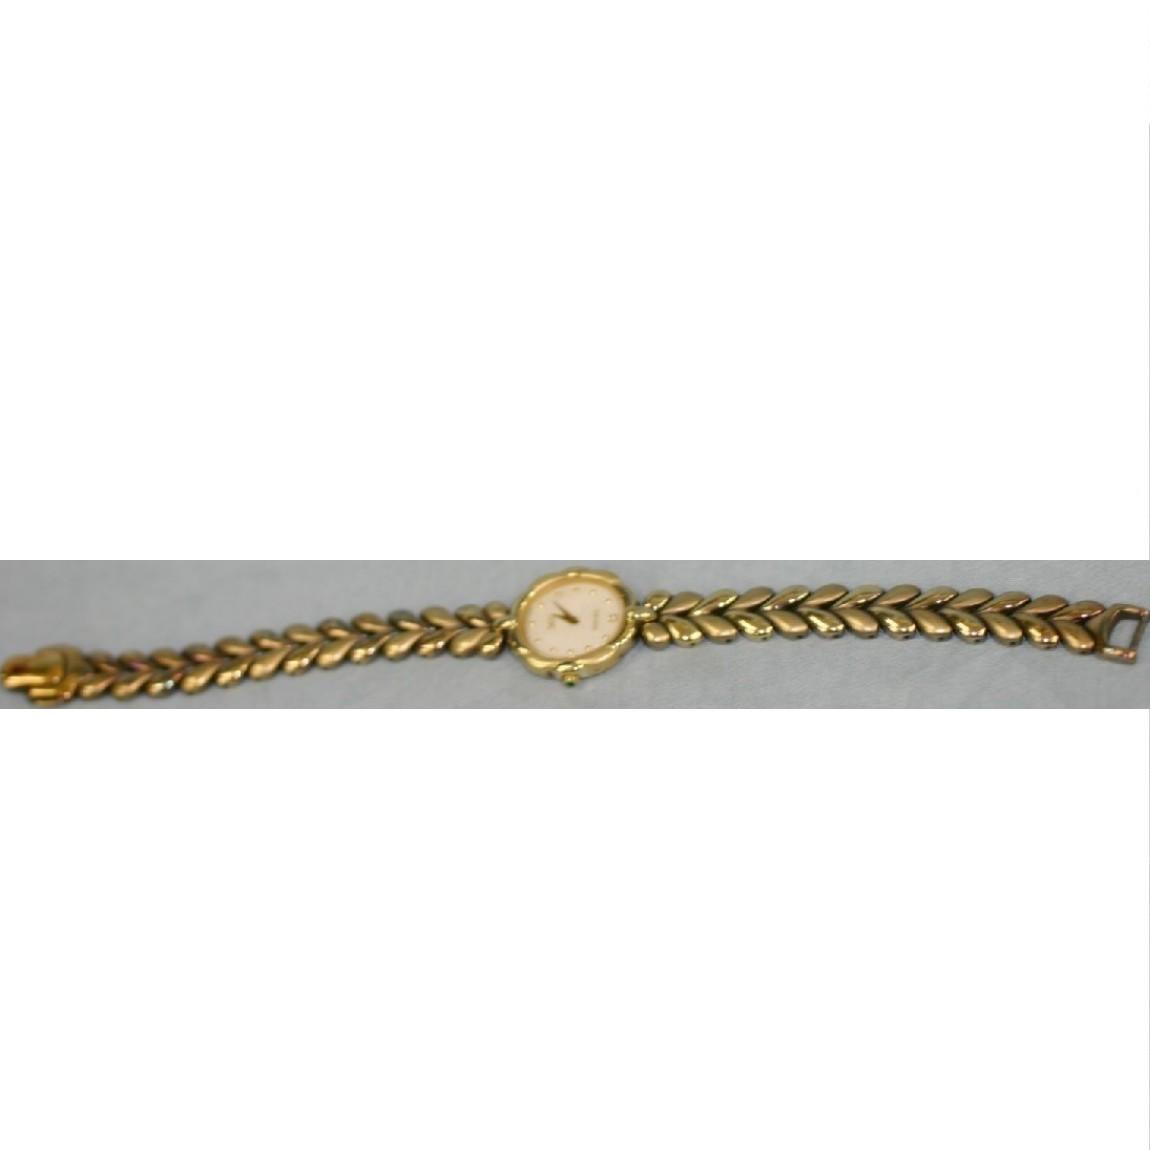 【中古】本物完動品シチズン女性用時計エクシ-ド金色楕円ダイヤ付アンティ-クな作り ○A5-51